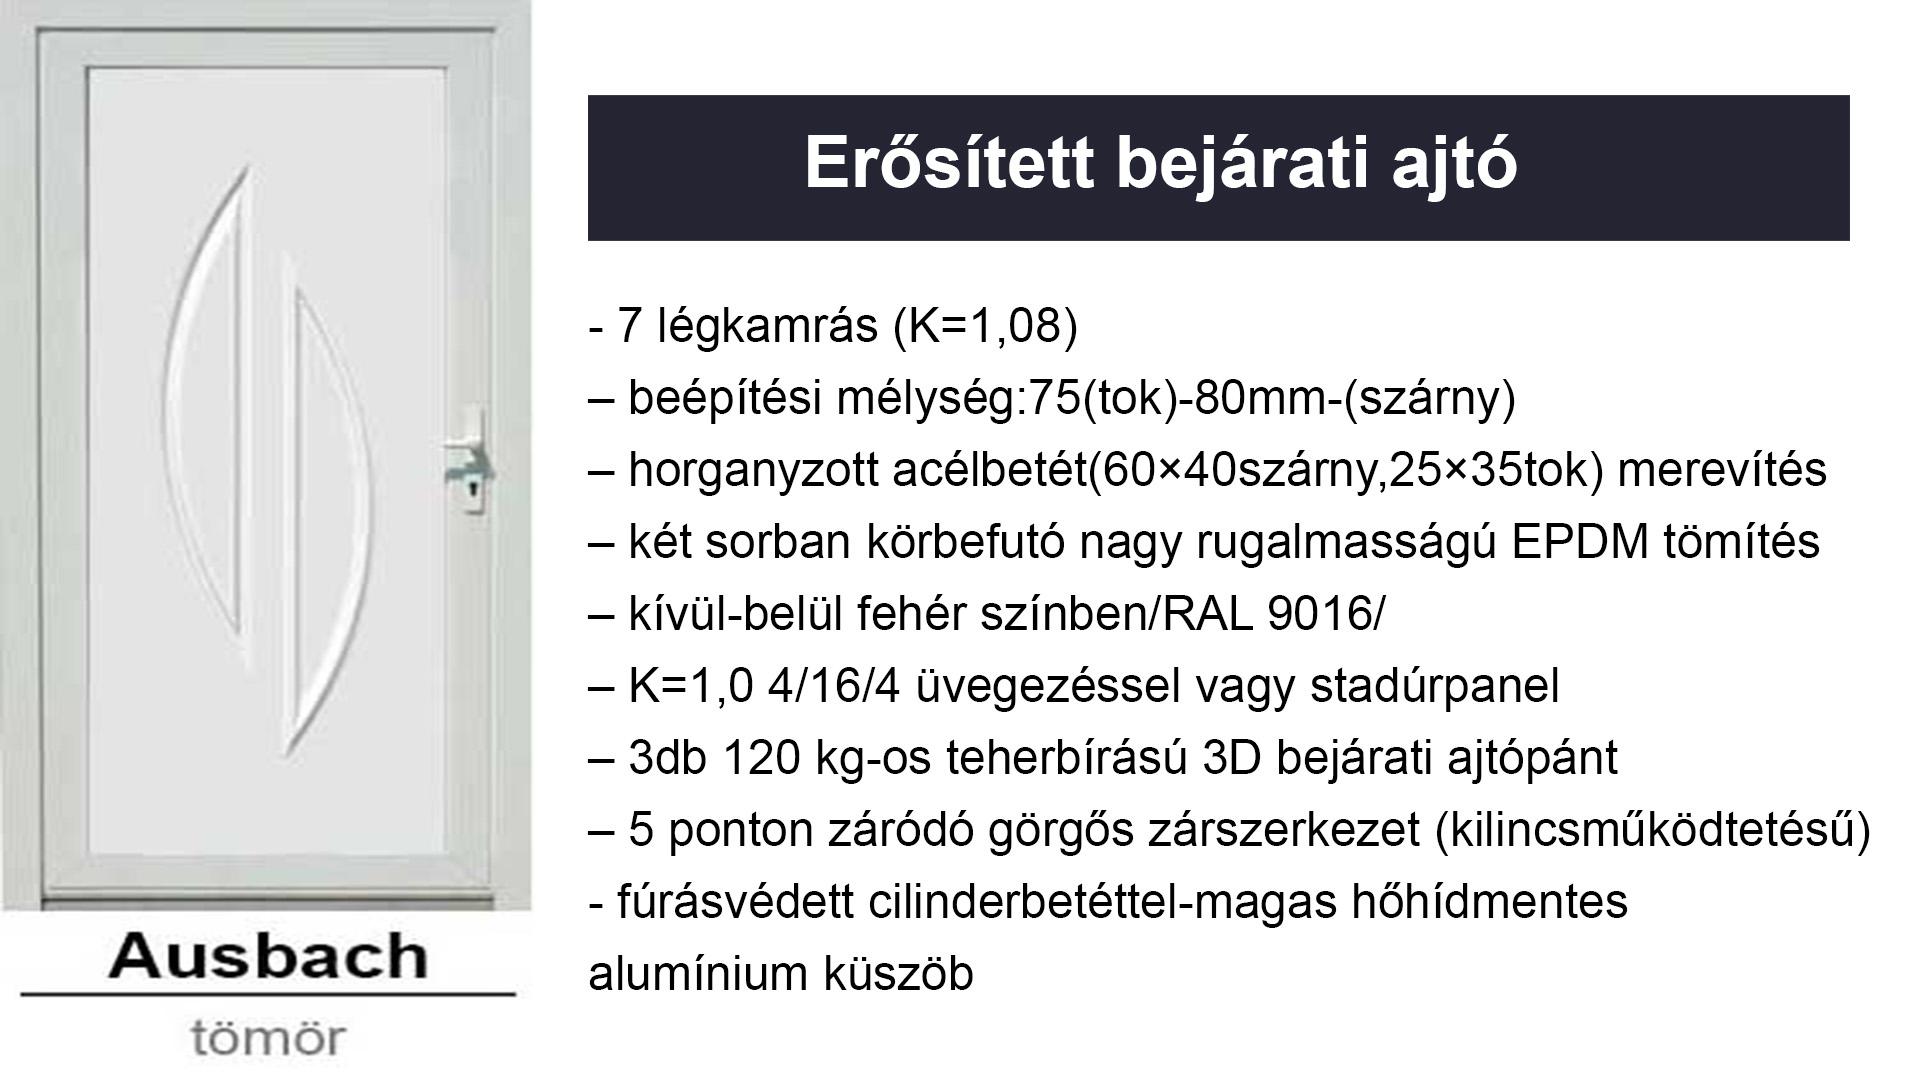 Műanyag bejárati ajtók - erősített kivitelben - Ausbach